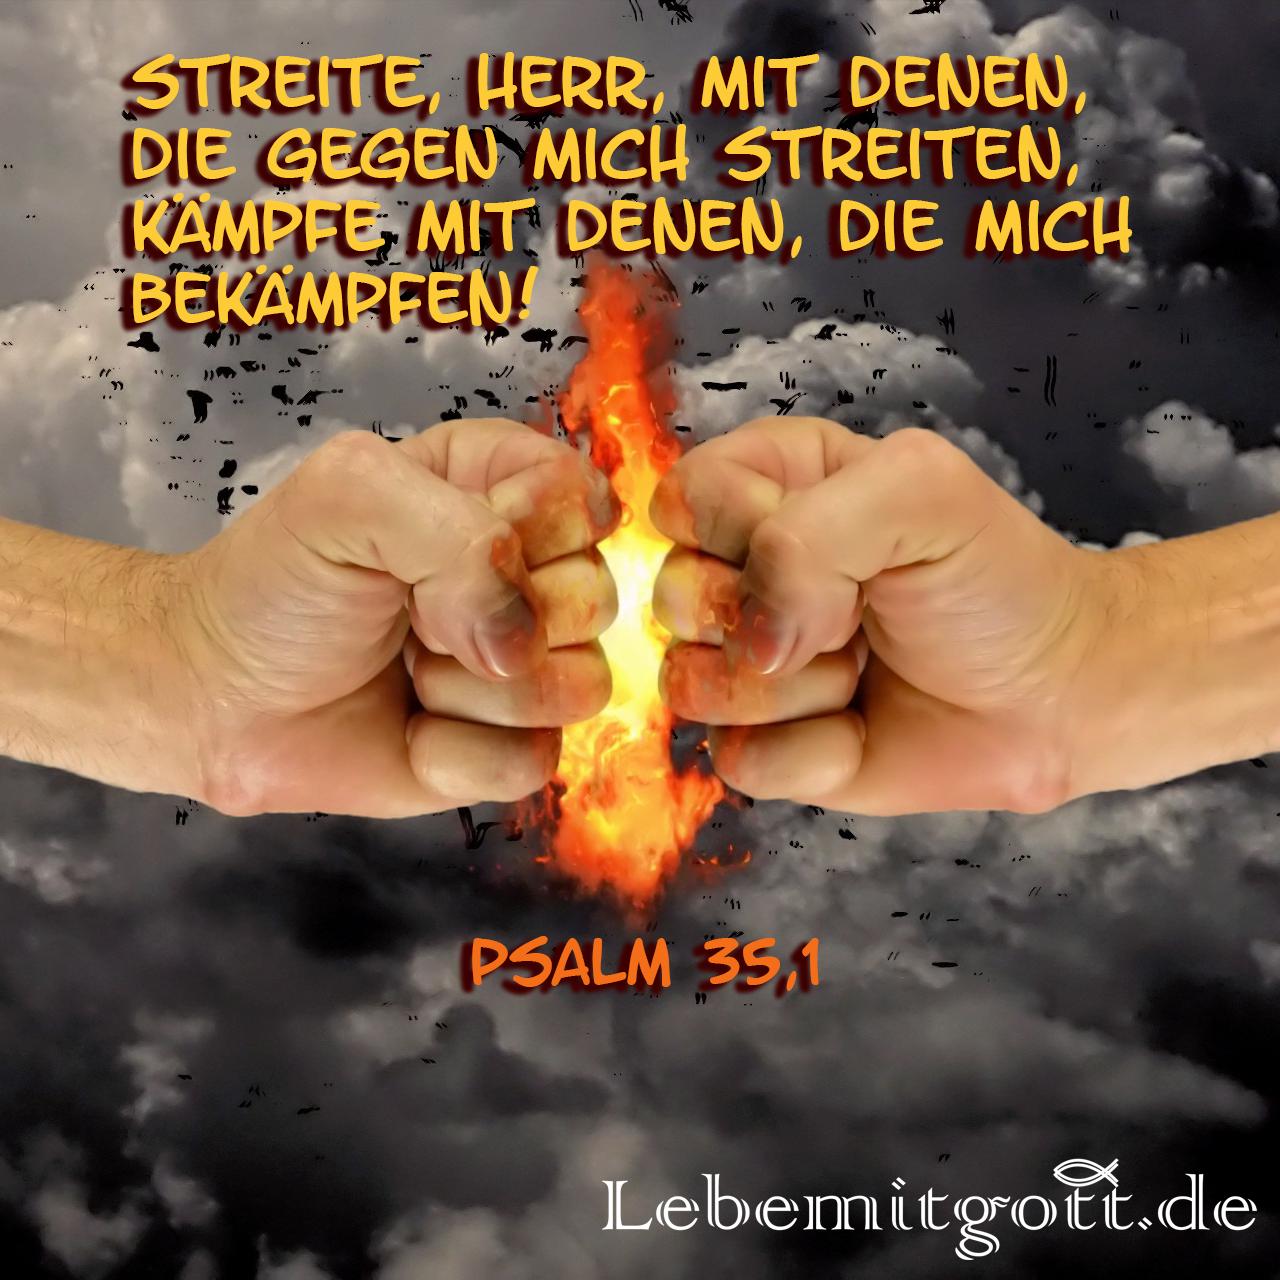 Lebe Mit Gott Tagliche Andachten Zur Ermutigung Im Glauben Bibelvers Zitate Bibelverse Bibel Zitate